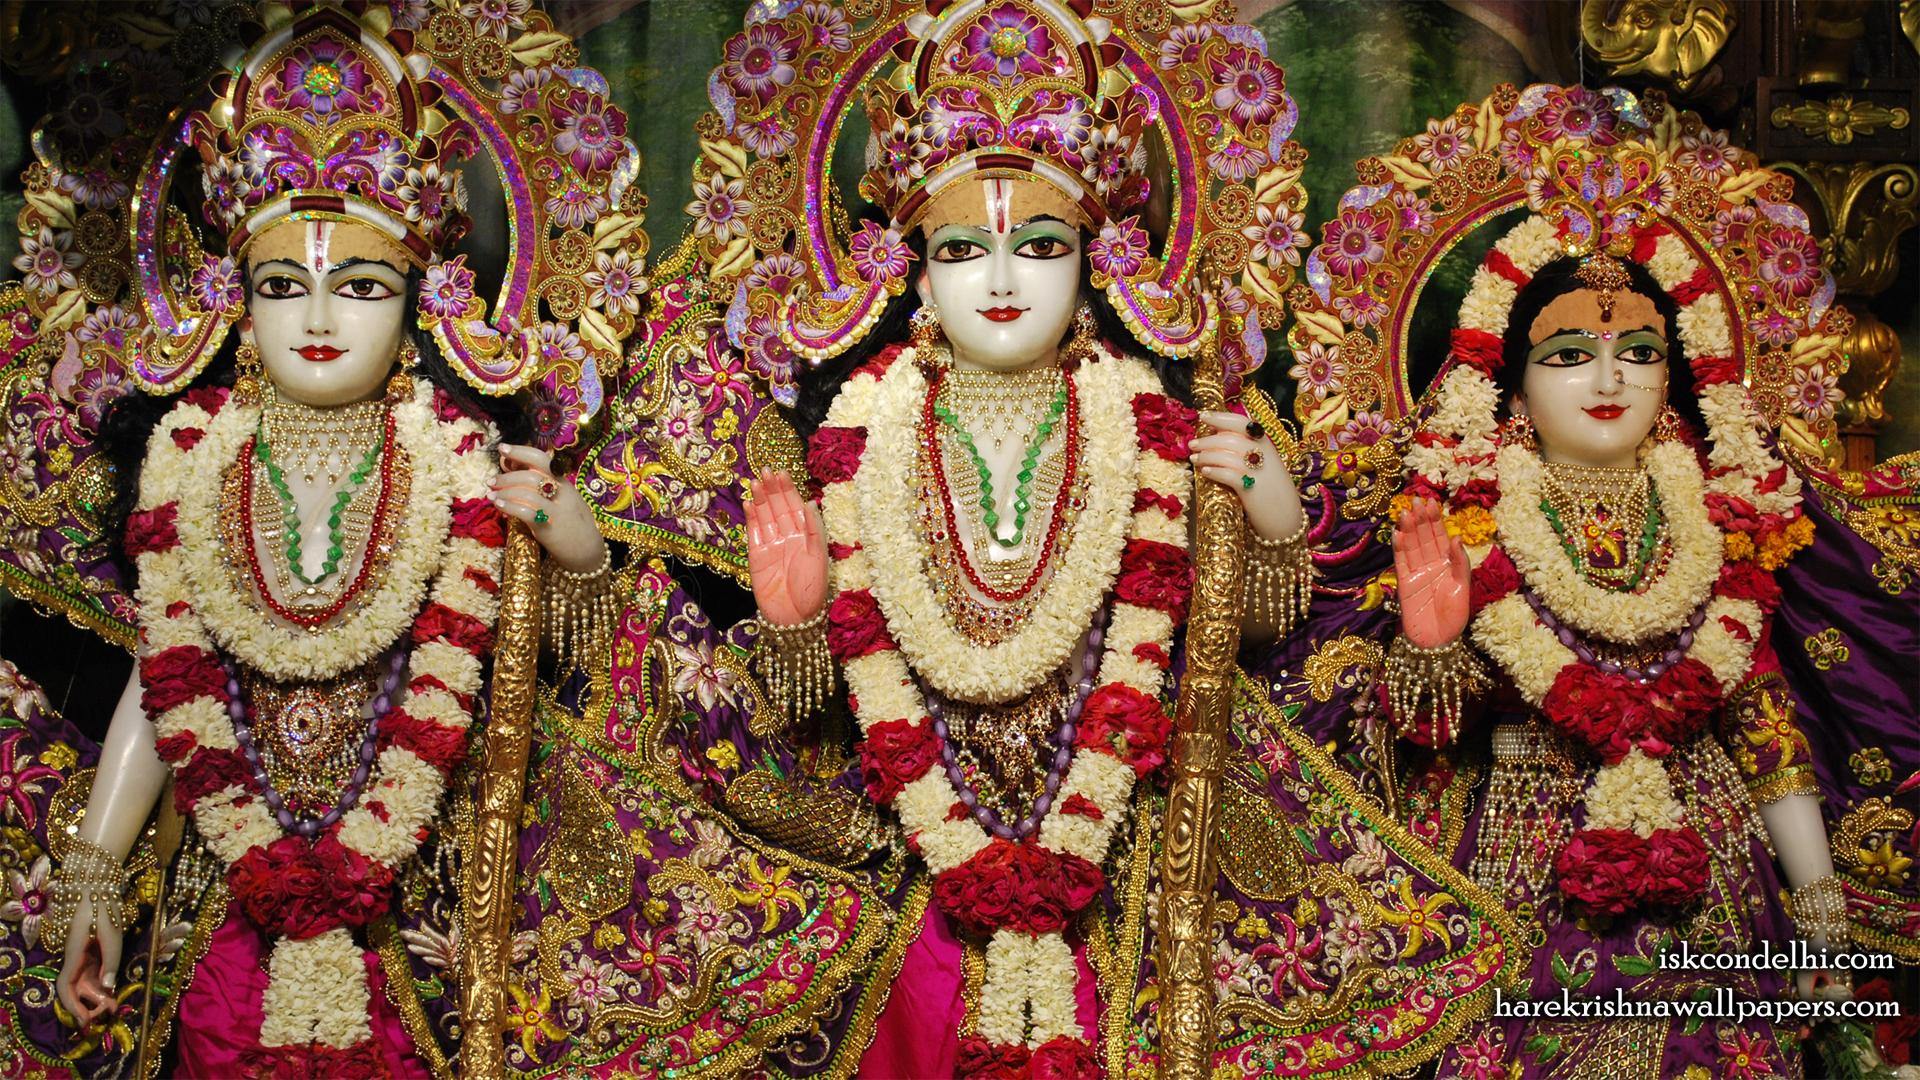 Sri Sri Sita Rama Laxman Wallpaper (007) Size 1920x1080 Download